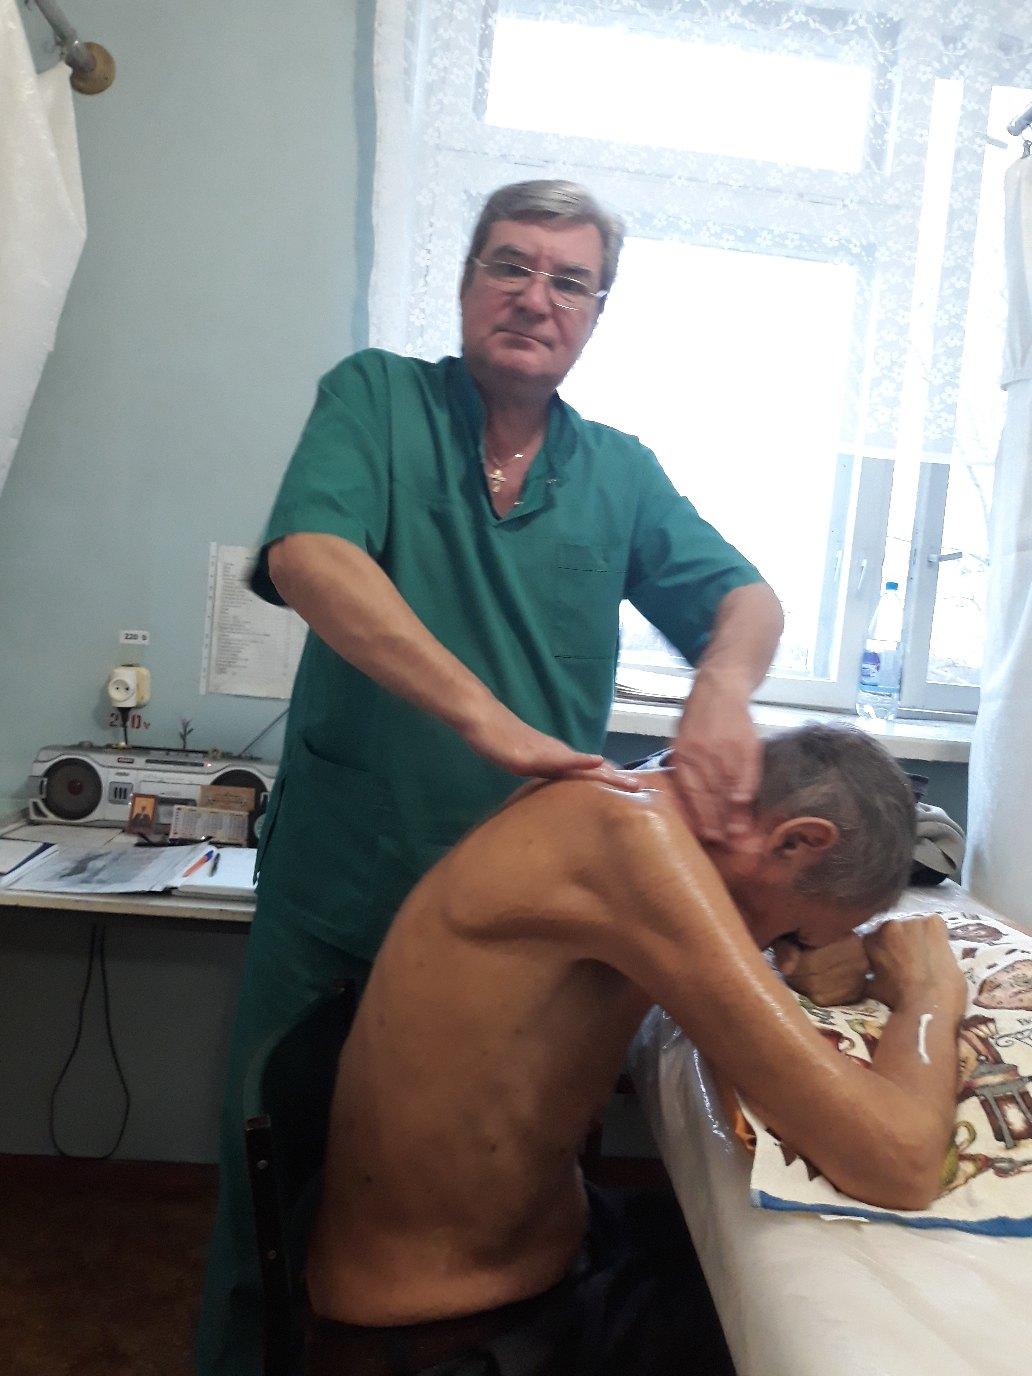 Массажист высшей категории с большим опытом и стажем 30 лет, приглашает на лечебный массаж как взрослых так и детей.